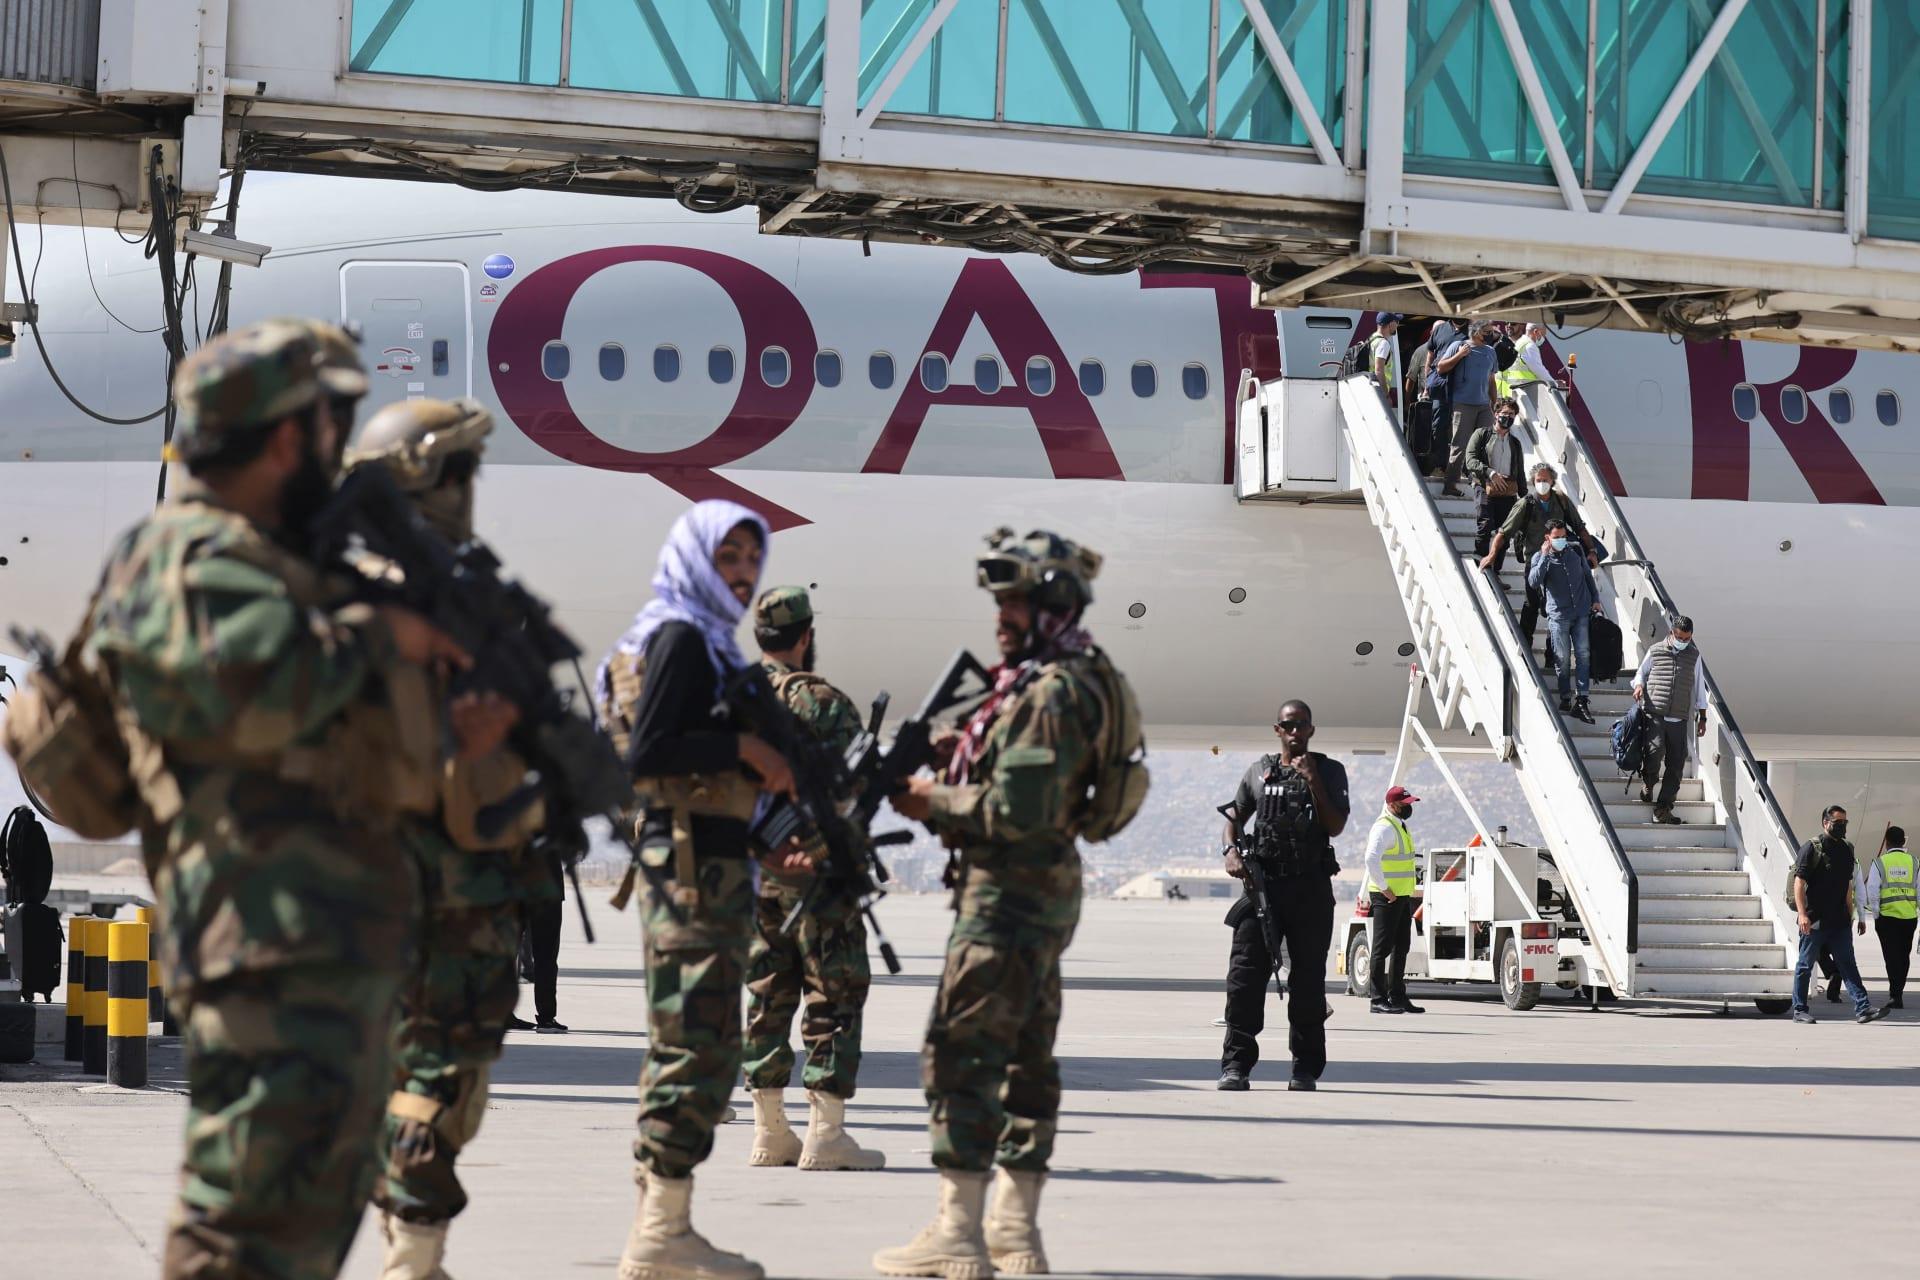 مصدر لـCNN: لقاء بين وفد أمريكي وطالبان في قطر.. ولا يتعلق بمنح الشرعية